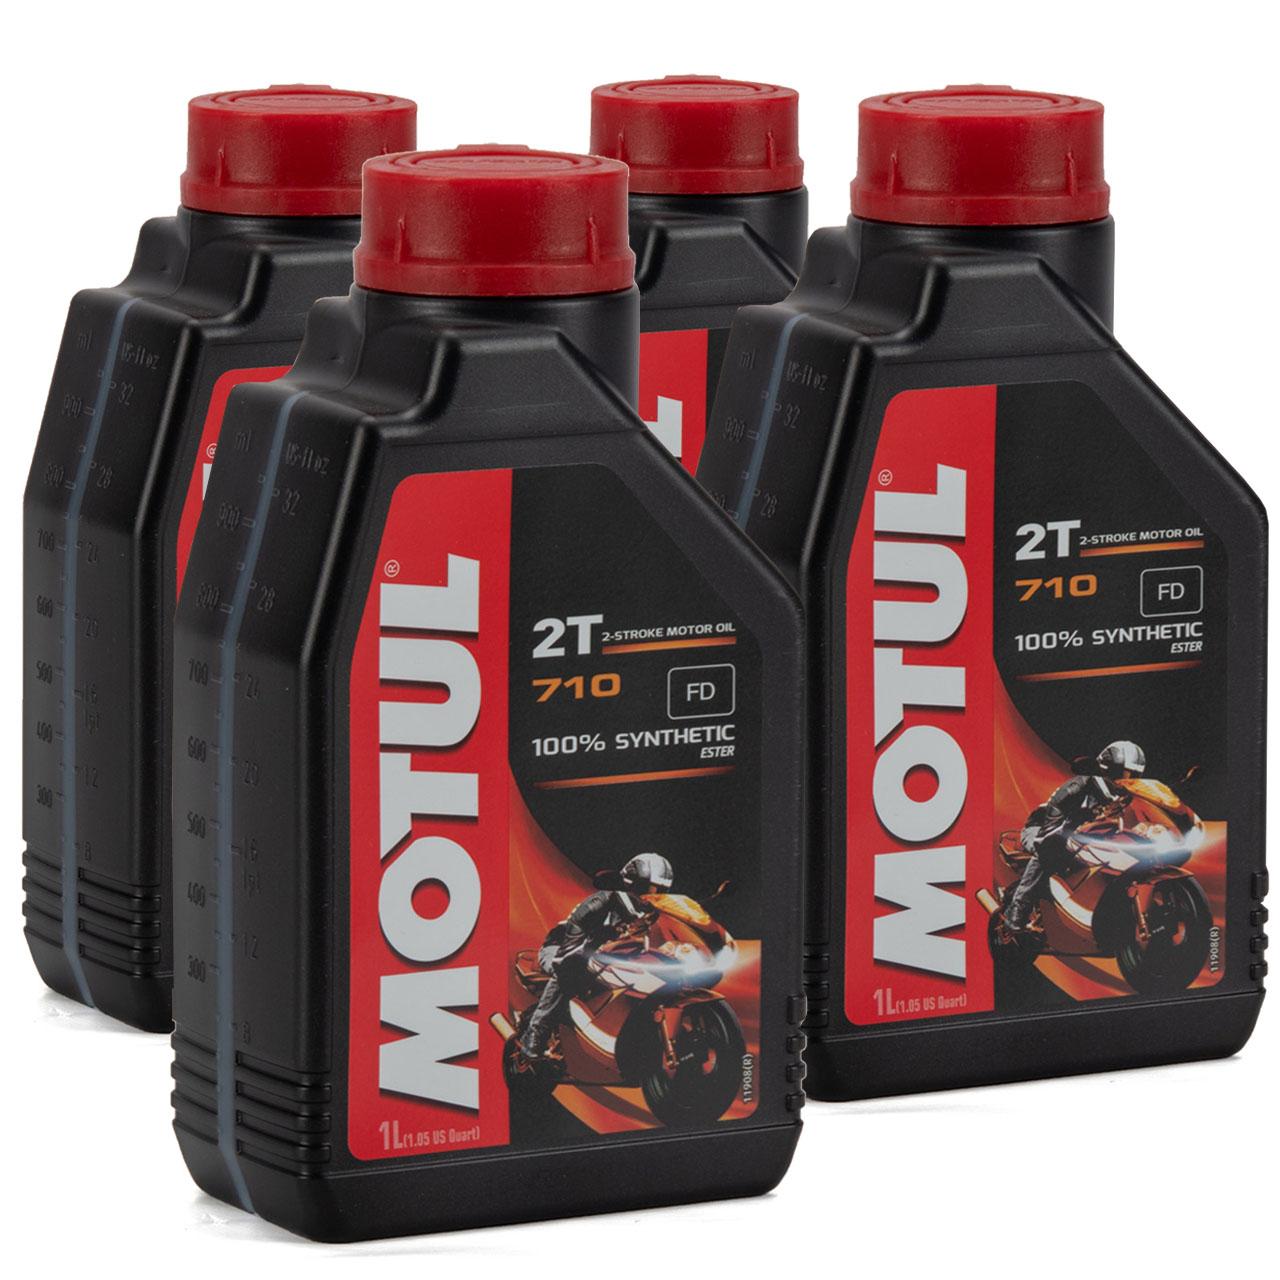 MOTUL 710 2T 2-TAKT FD ESTER Motoröl Öl API TC JASO FD ISO-L-EGD - 4L 4 Liter